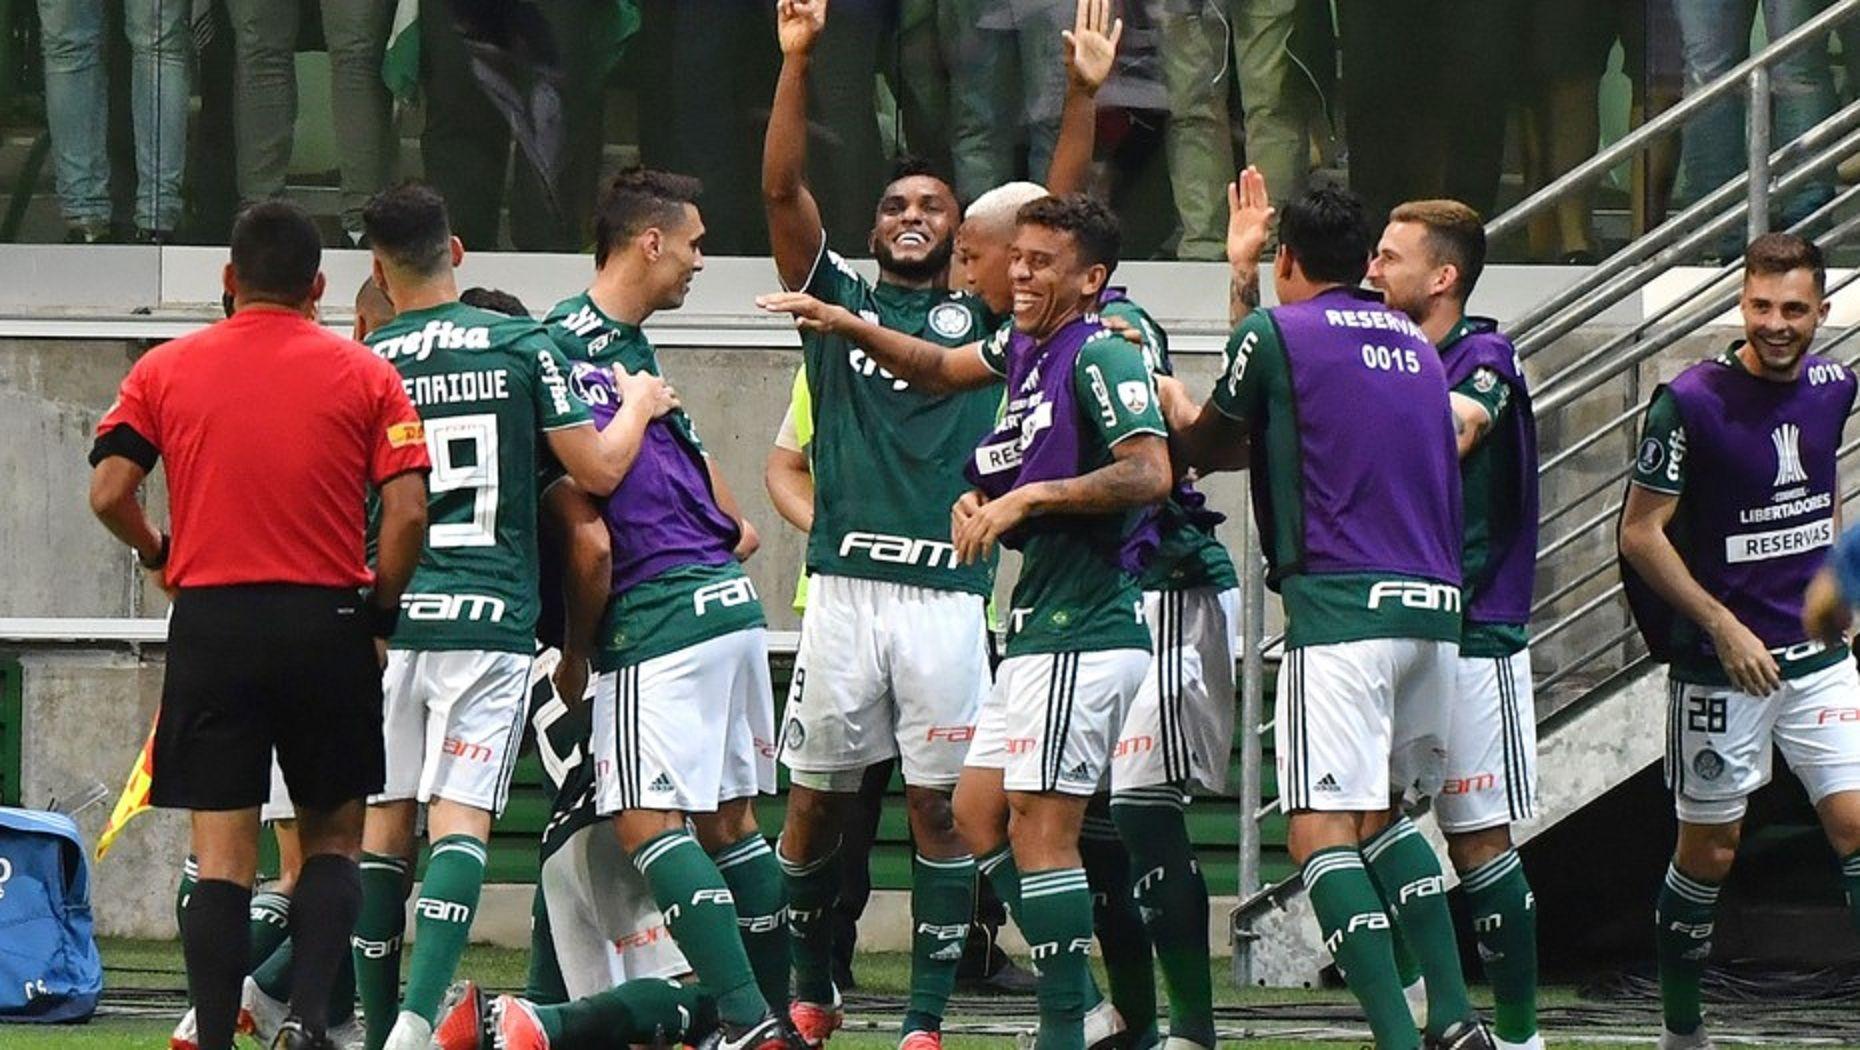 Secuestraron a un jugador del Palmeiras, próximo rival de Boca en la Copa Libertadores